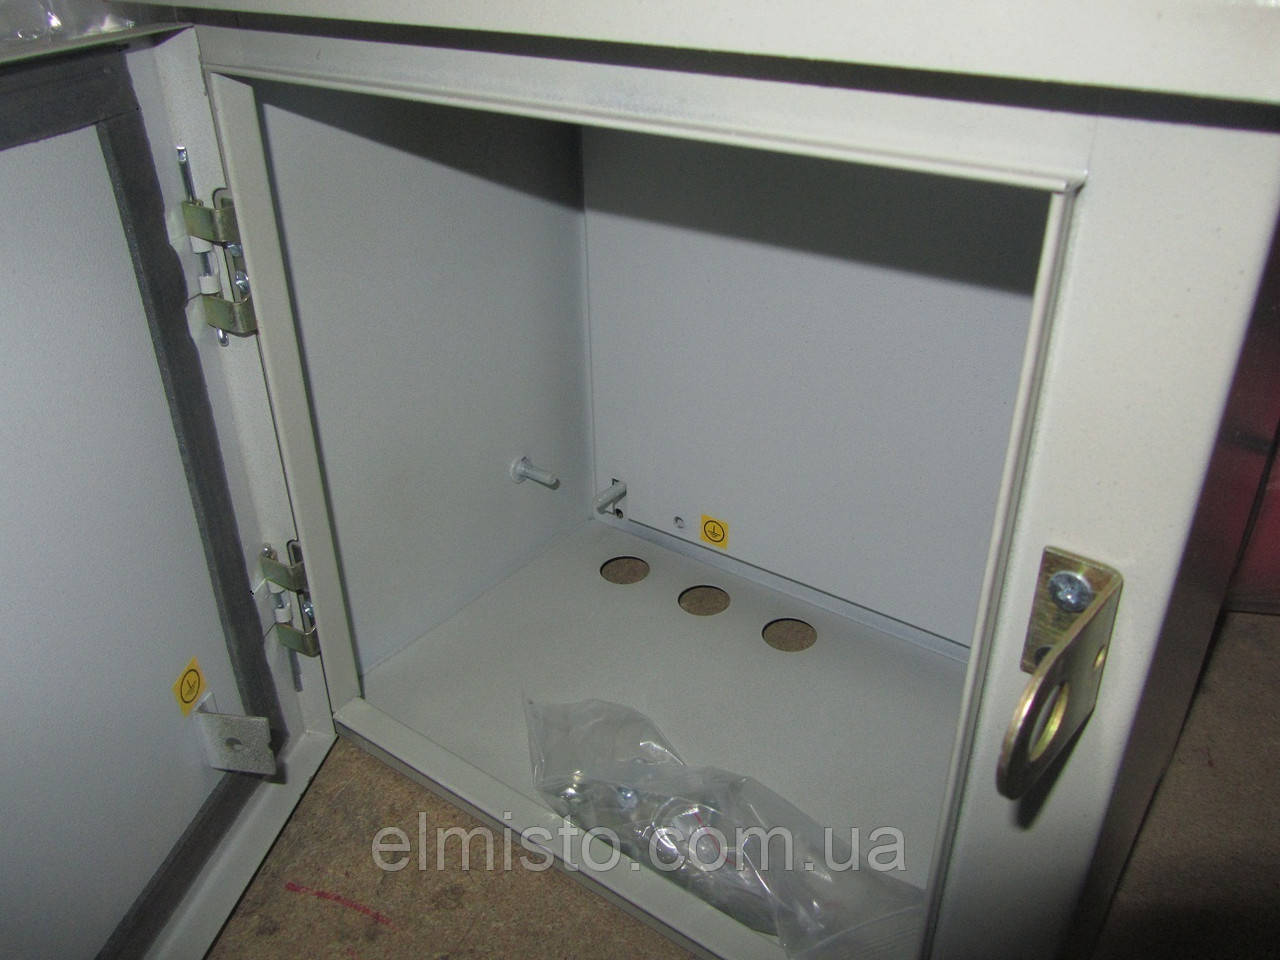 Бокс монтажный герметичный 300-300-180 IP54 уличный металлический